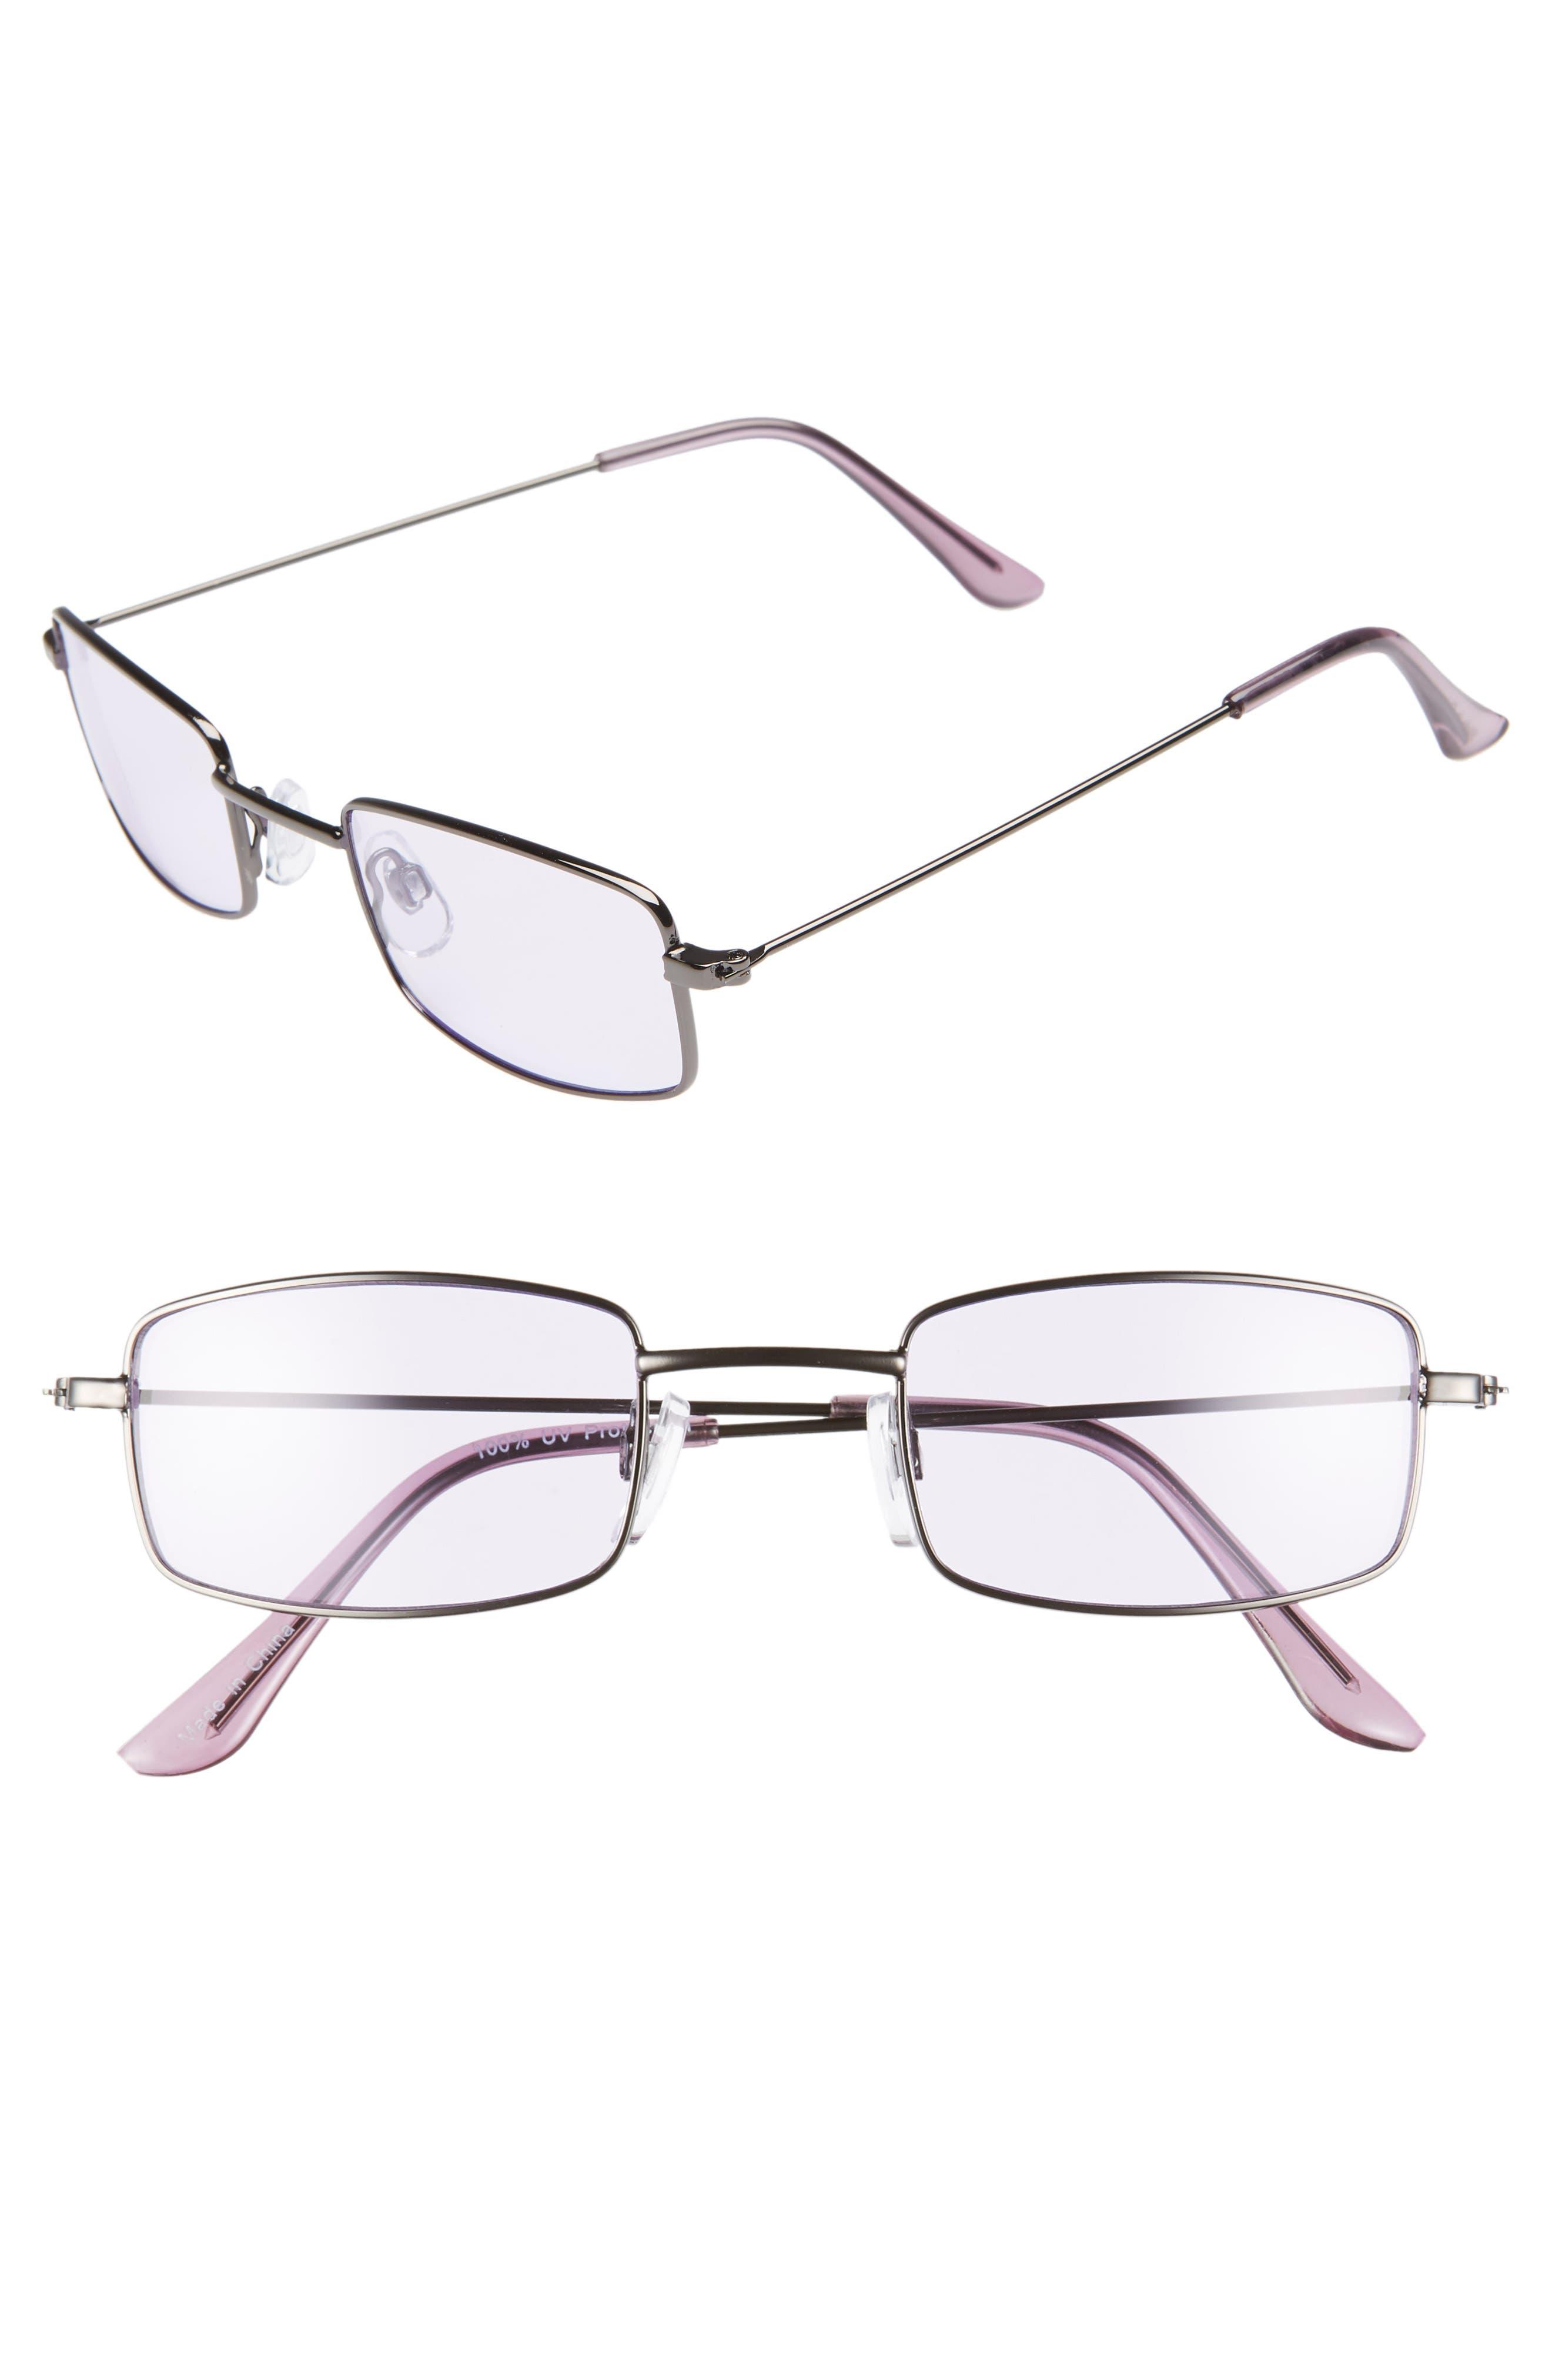 45mm Square Sunglasses,                             Main thumbnail 1, color,                             GUNMETAL/ PURPLE